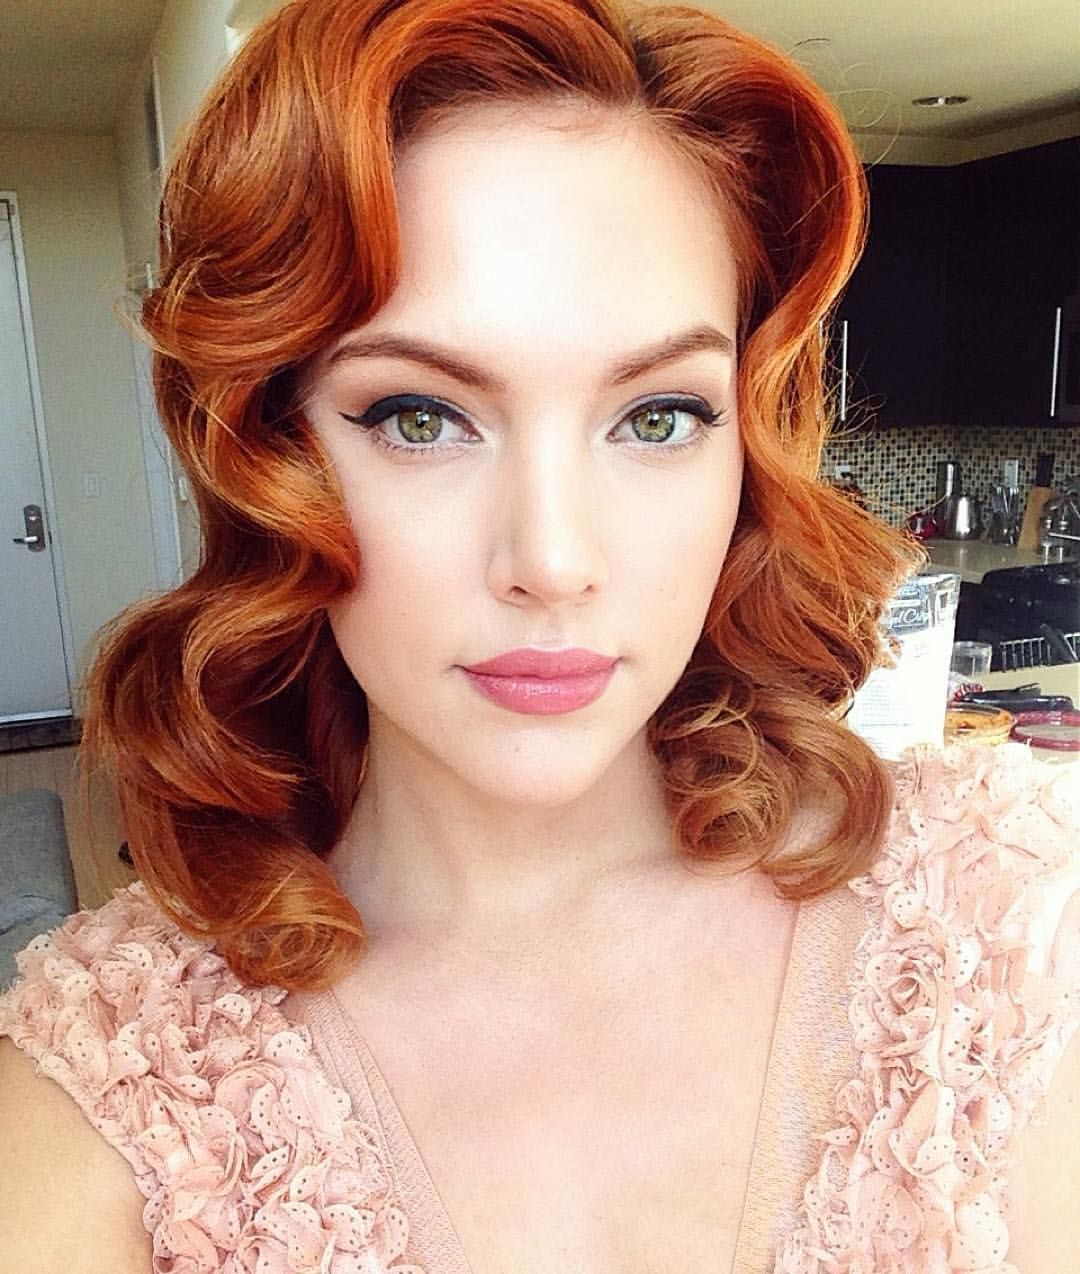 Przyklad Makijazu Dziennego Naturalnego Dla Typu Theatrical Romantic Akcent Na Oczy Wzmocni In 2020 Redhead Makeup Wedding Makeup Redhead Makeup Tips For Redheads